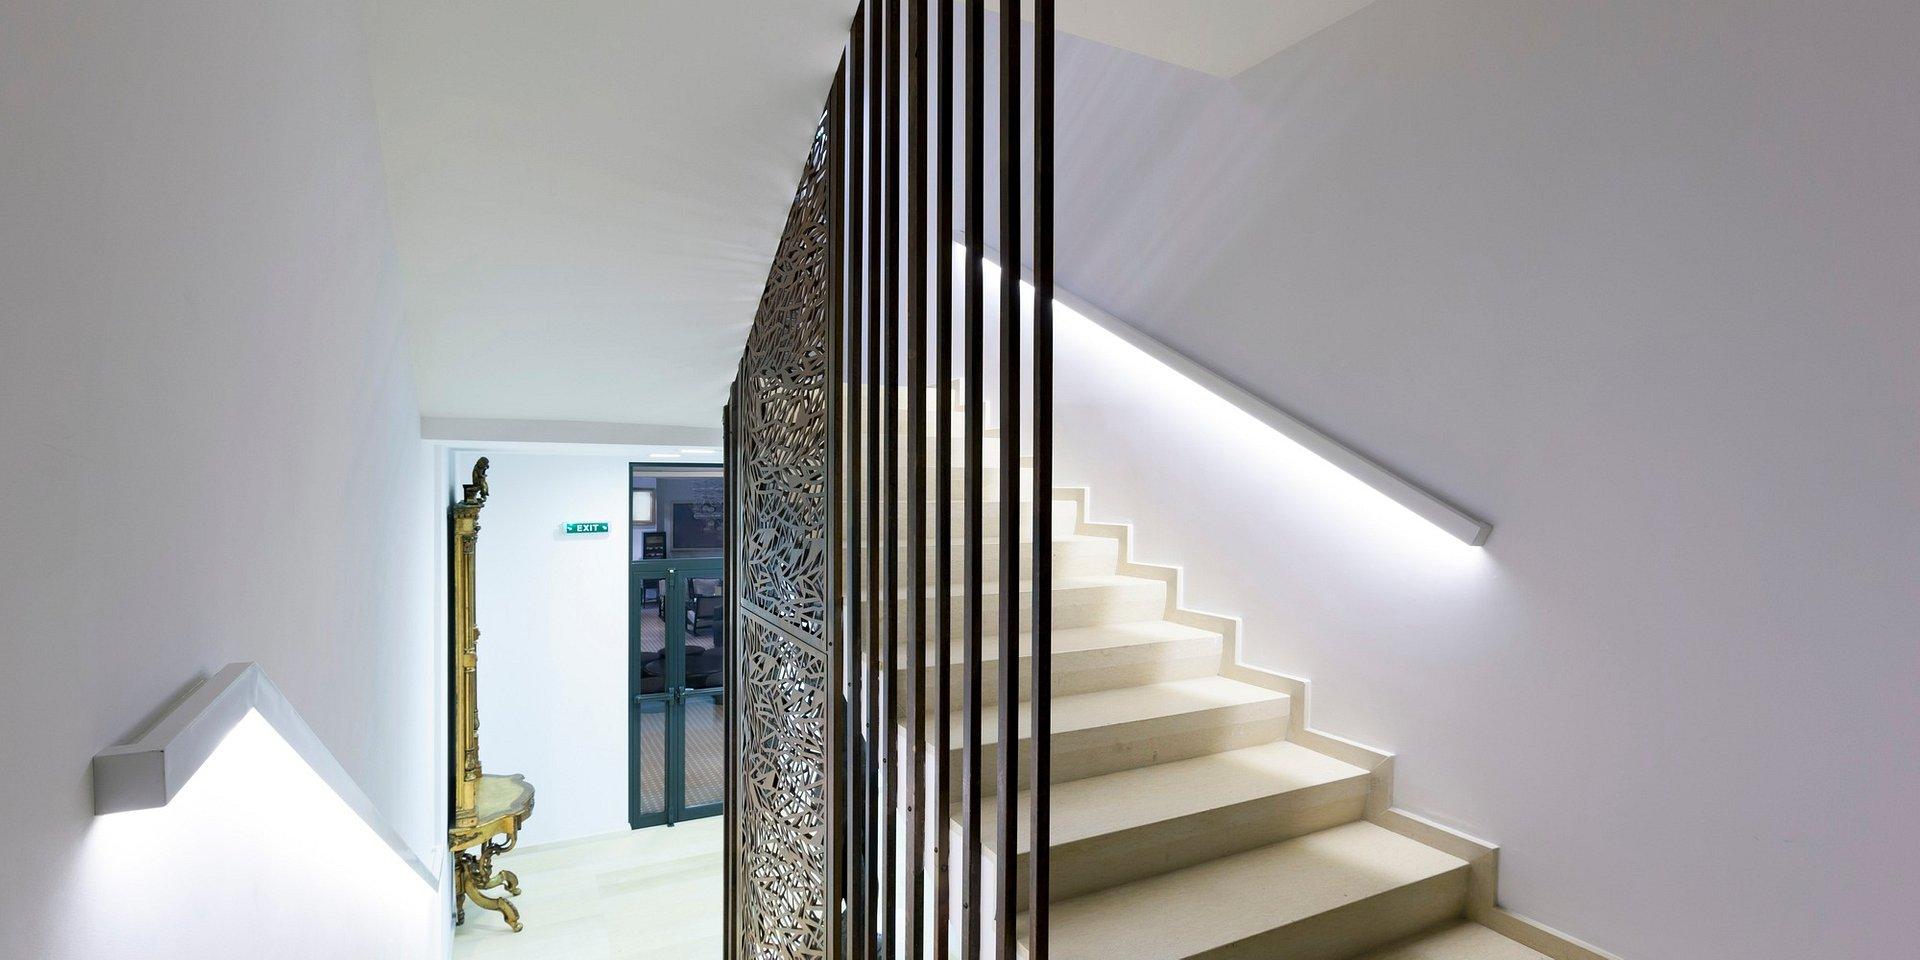 Jak niekonwencjonalnie podkreślić schody taśmą LED?